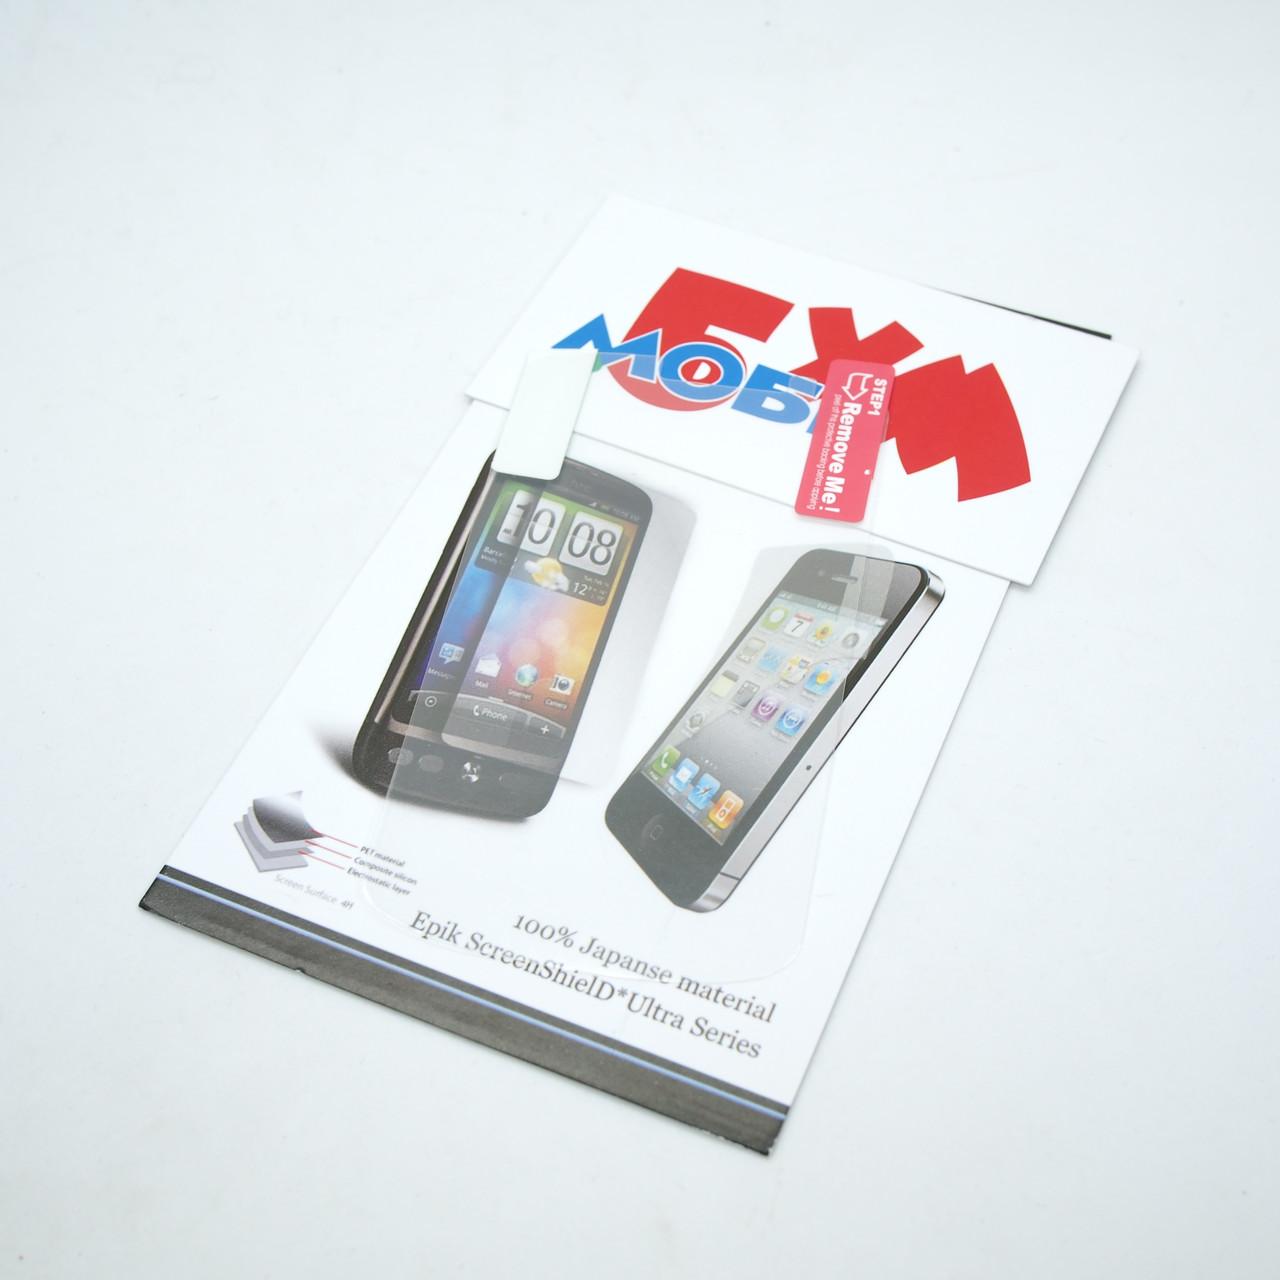 Защитные стекла и пленки для других смартфонов Epik Gigabyte GSmart 1345 Для телефона